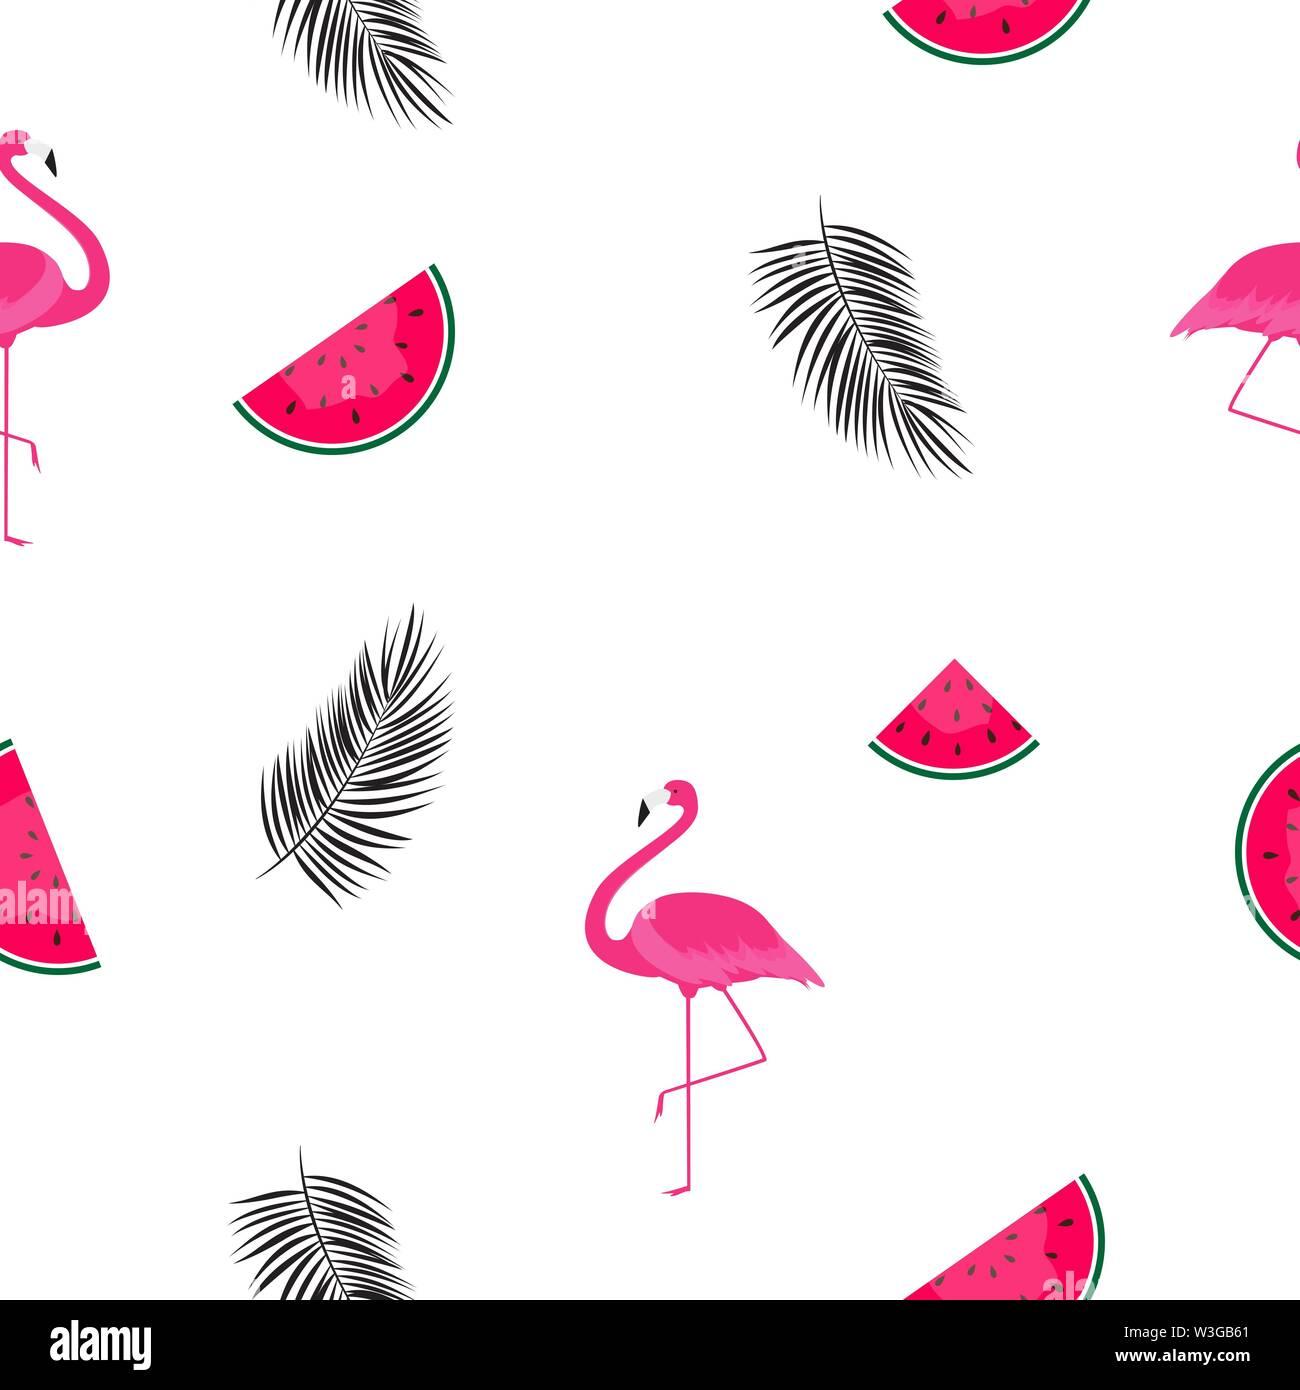 Motif de fond transparente des pastèques, Flamingo et feuille de palmier. Vector Illustration Photo Stock